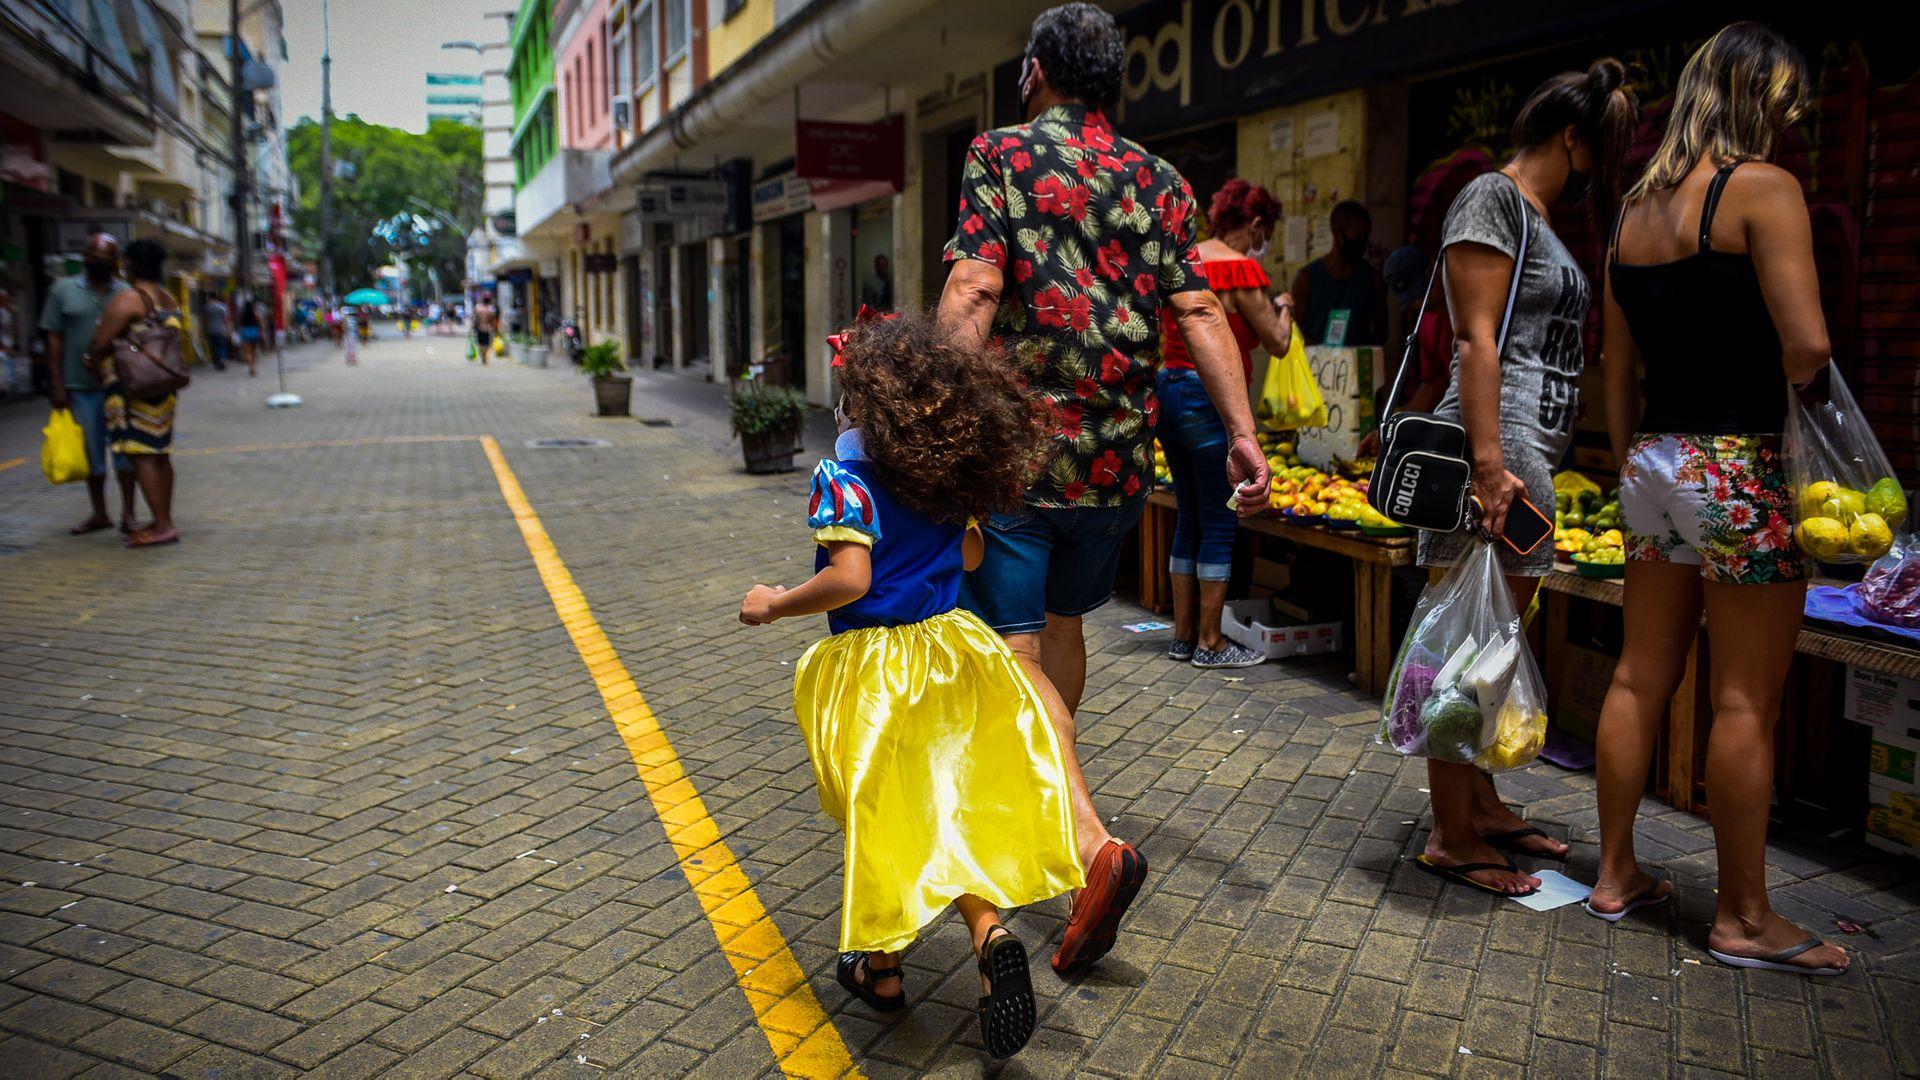 13/02/2021 - Sábado de 'não-carnaval' no Centro de Vitória